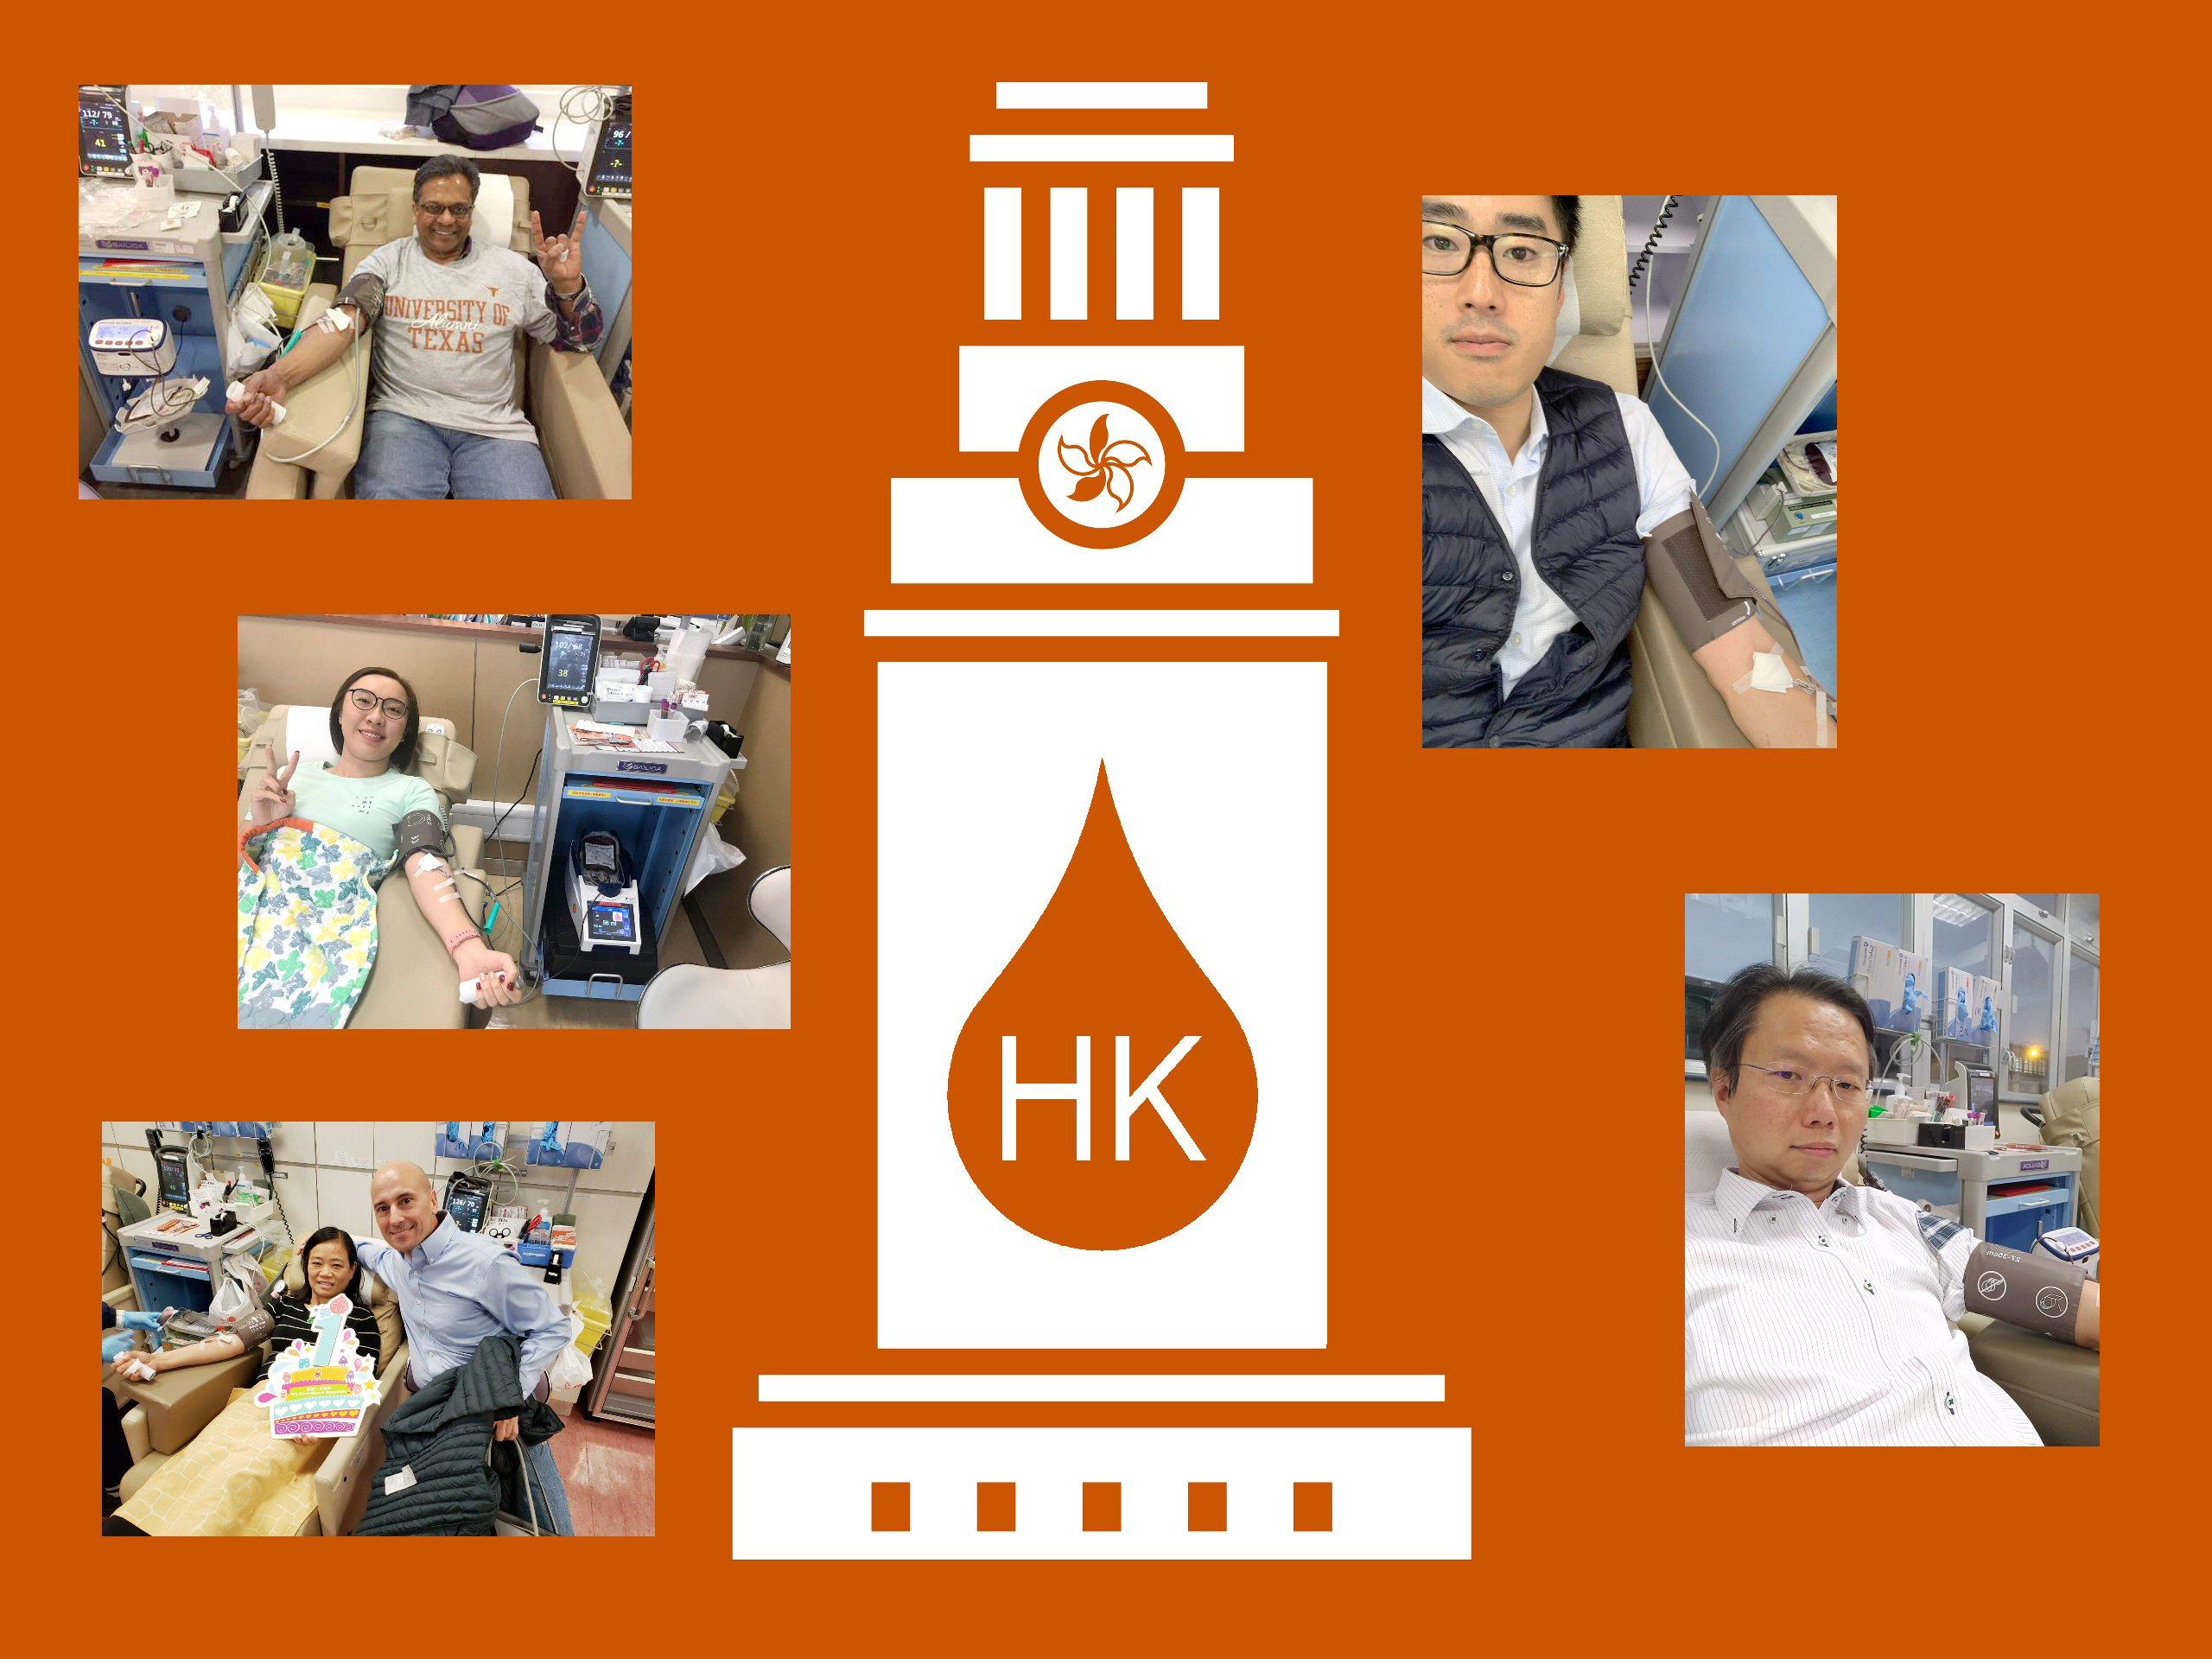 Project Worldwide: HKTX Blood Drive 2019